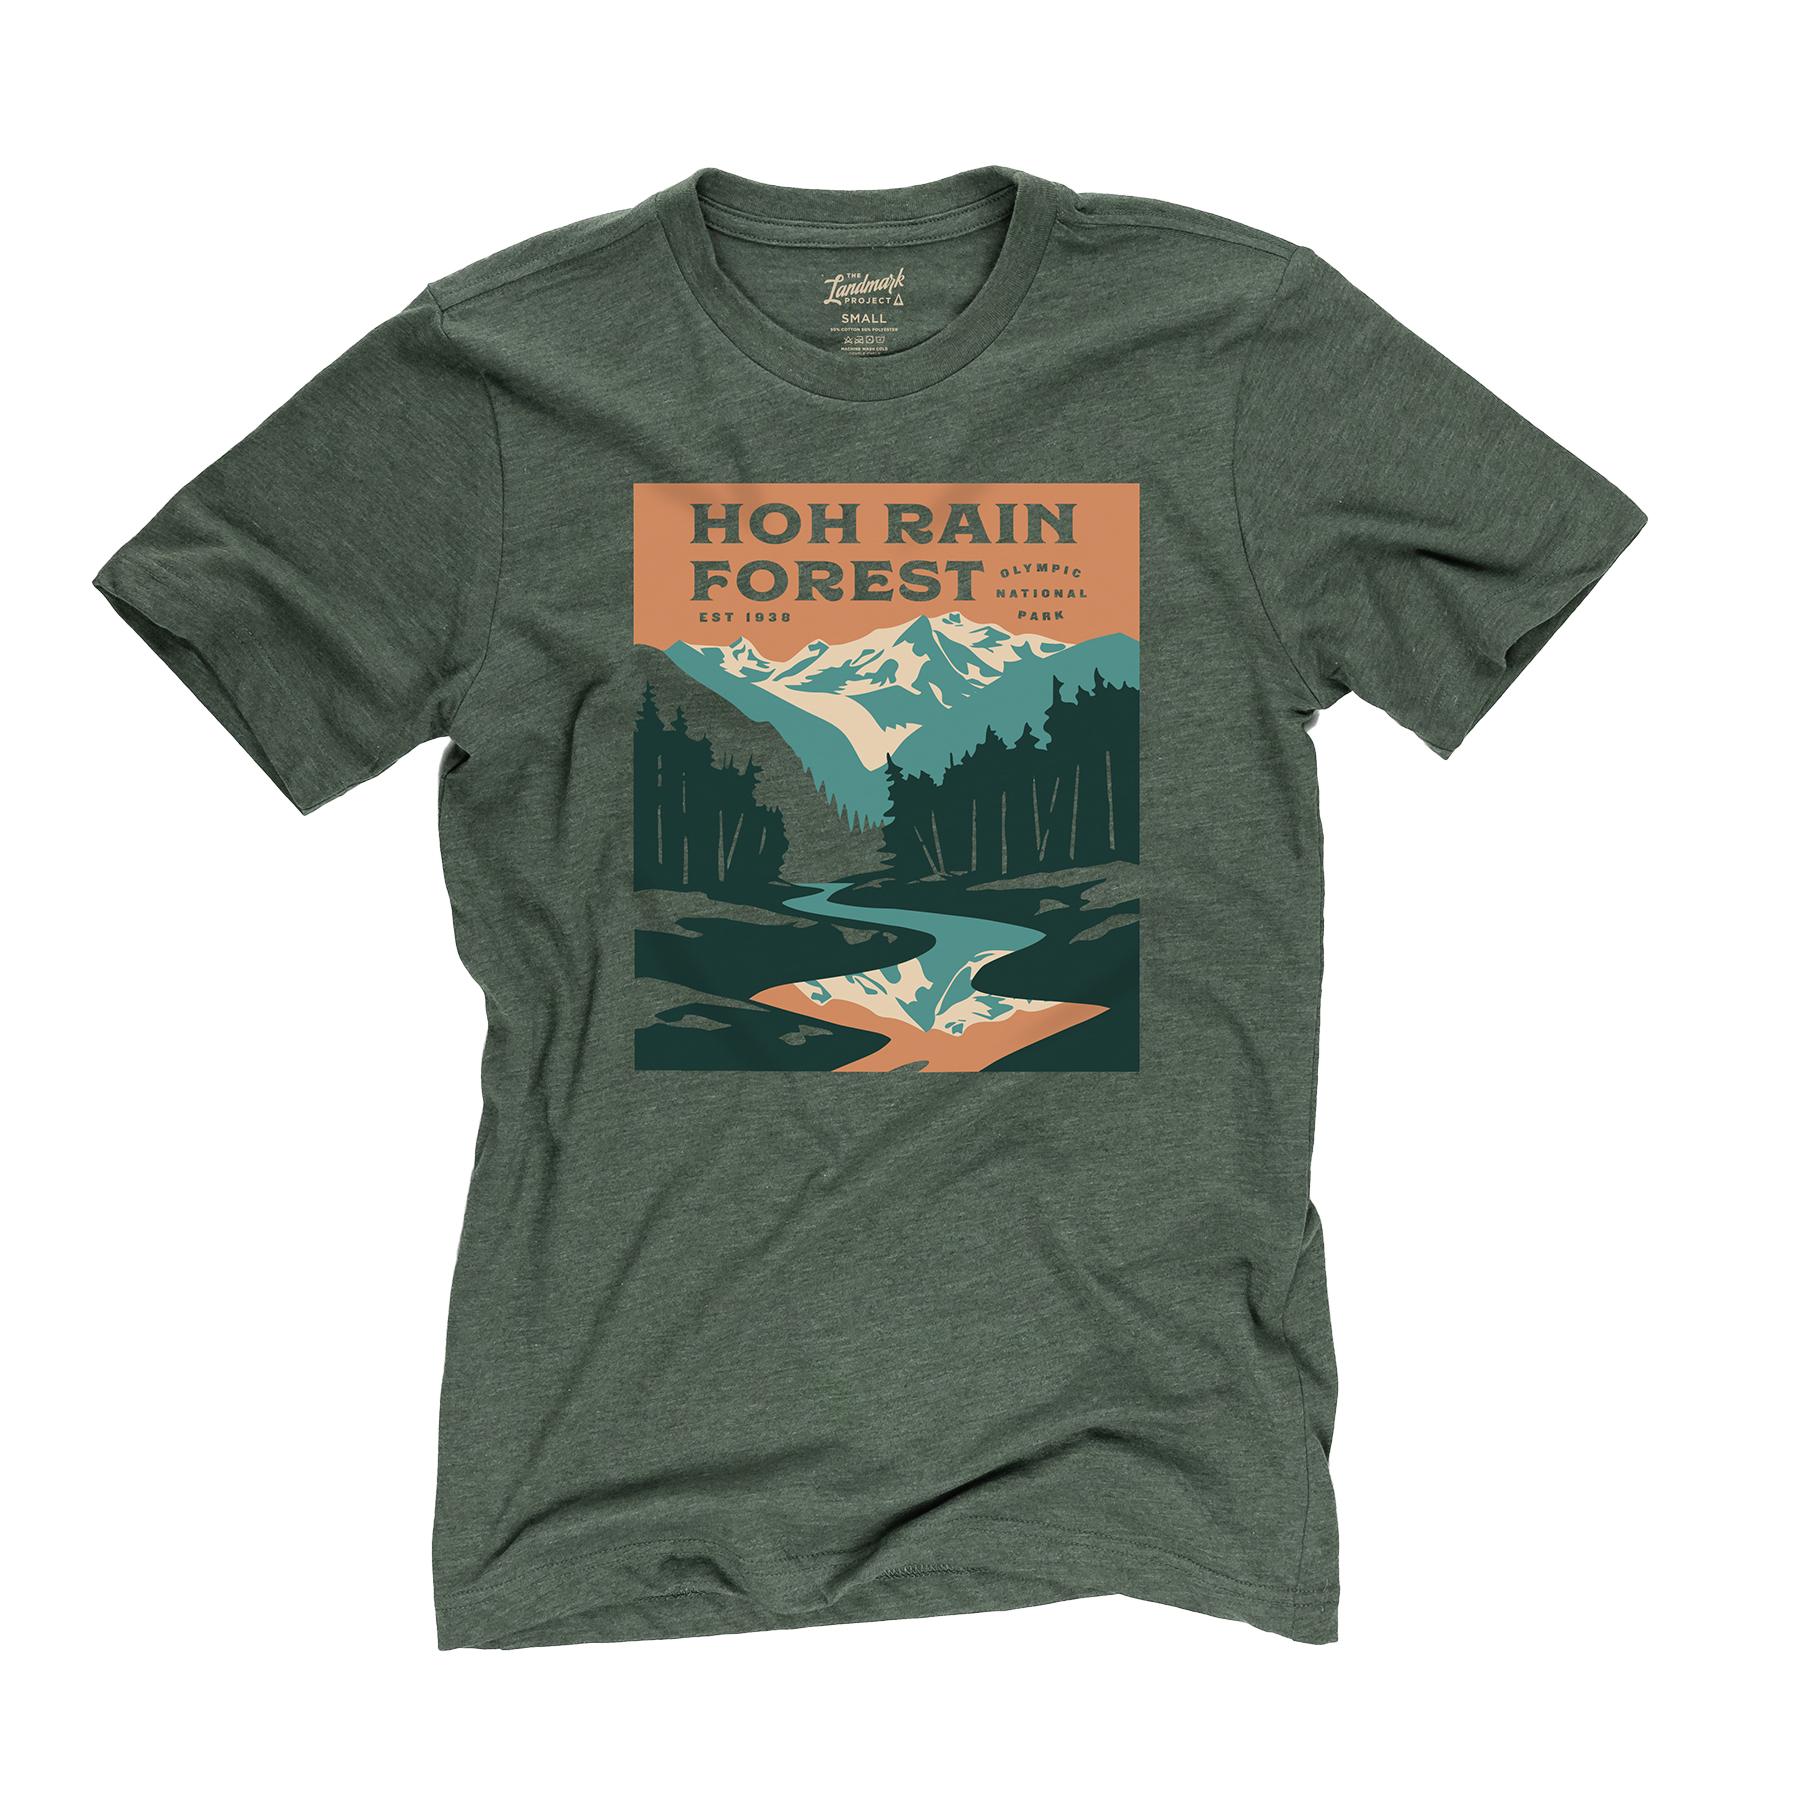 hoh-rain-forest-tee.jpg